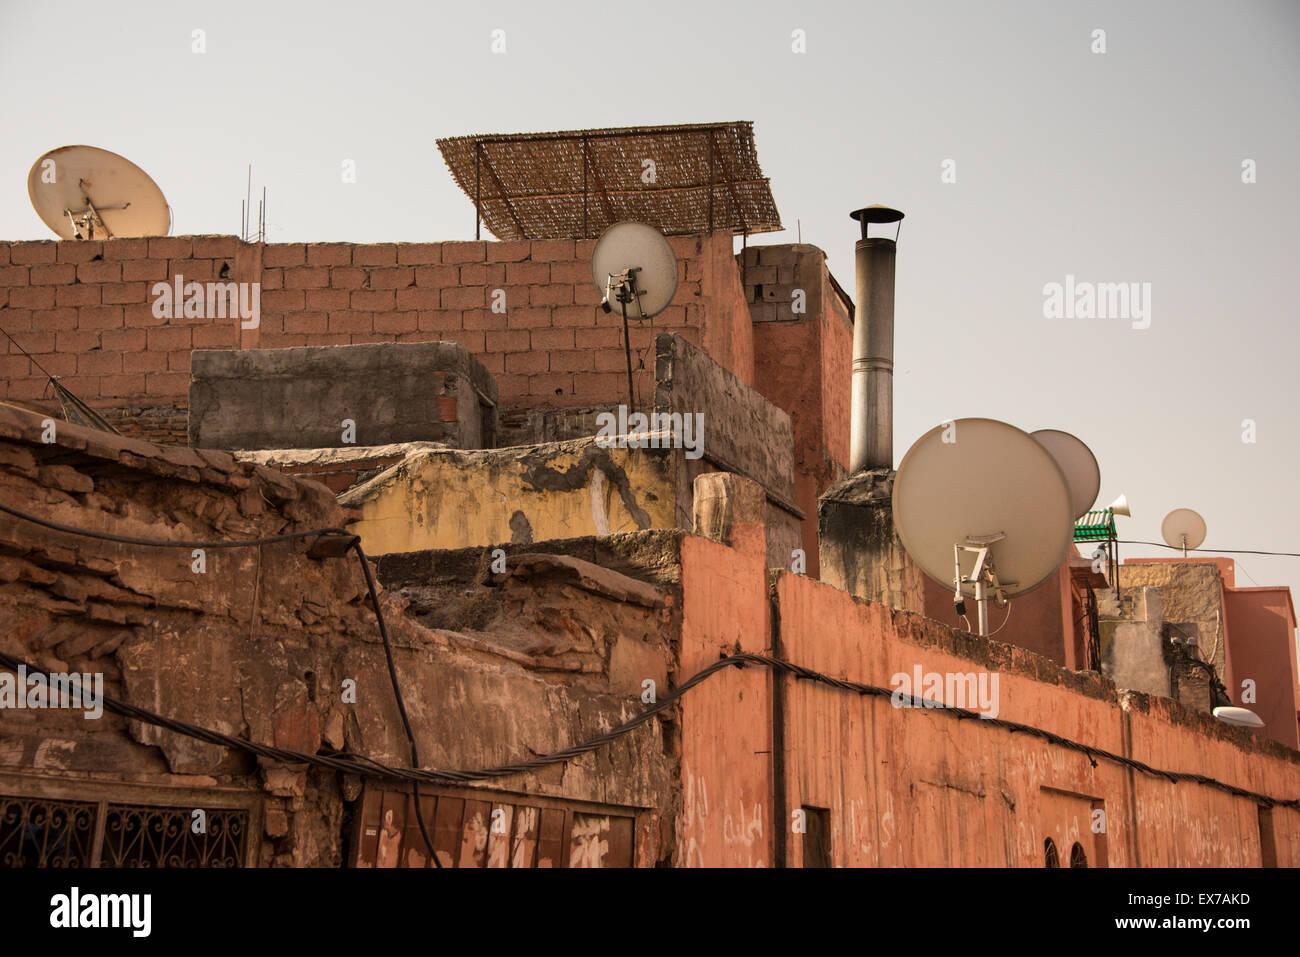 La tecnologia in Marocco - Marrakech Immagini Stock